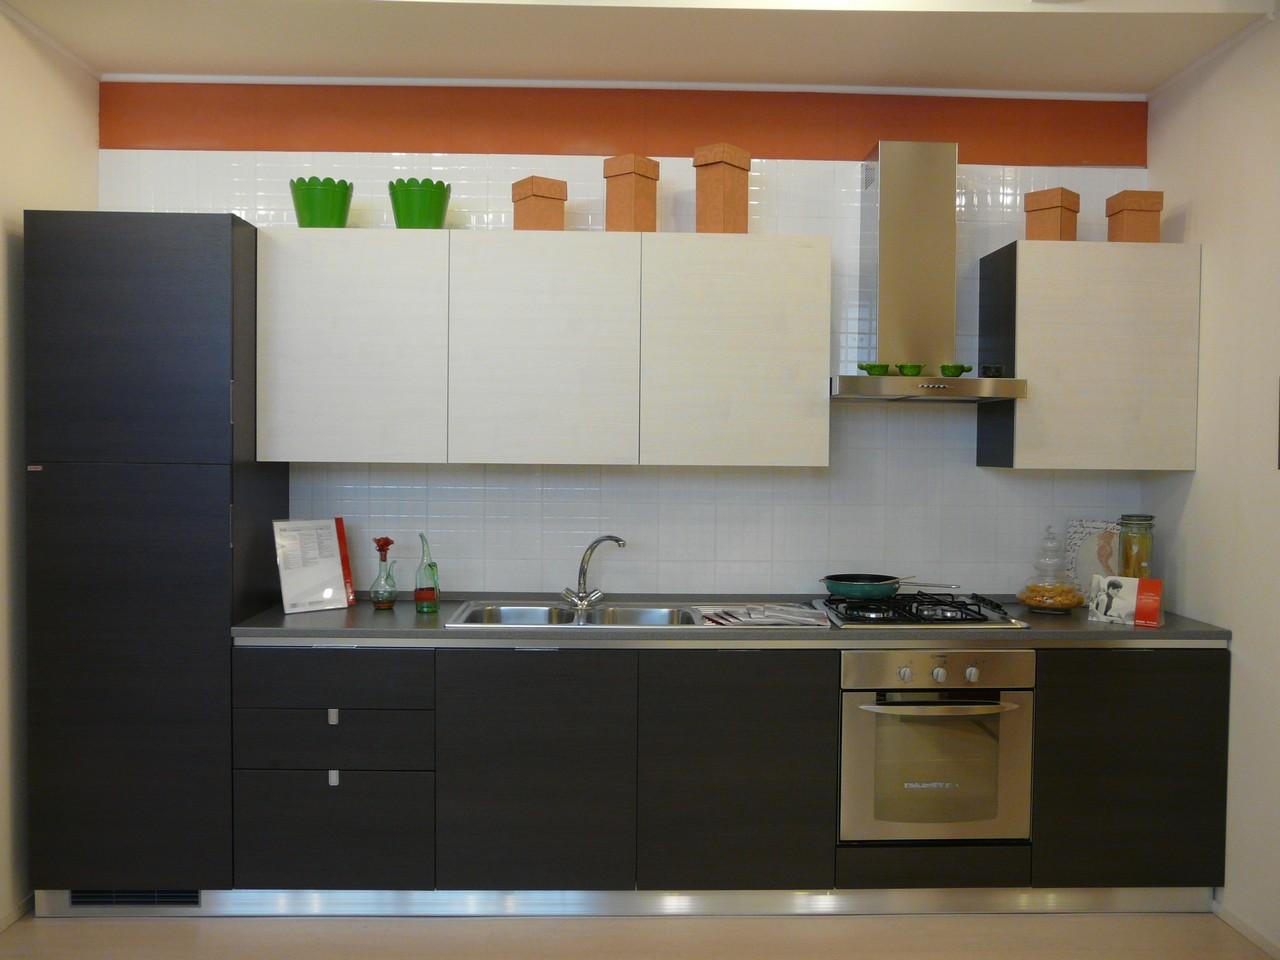 Arredamenti casarini modena bologna occasioni 012 for Bulgarelli arredamenti modena